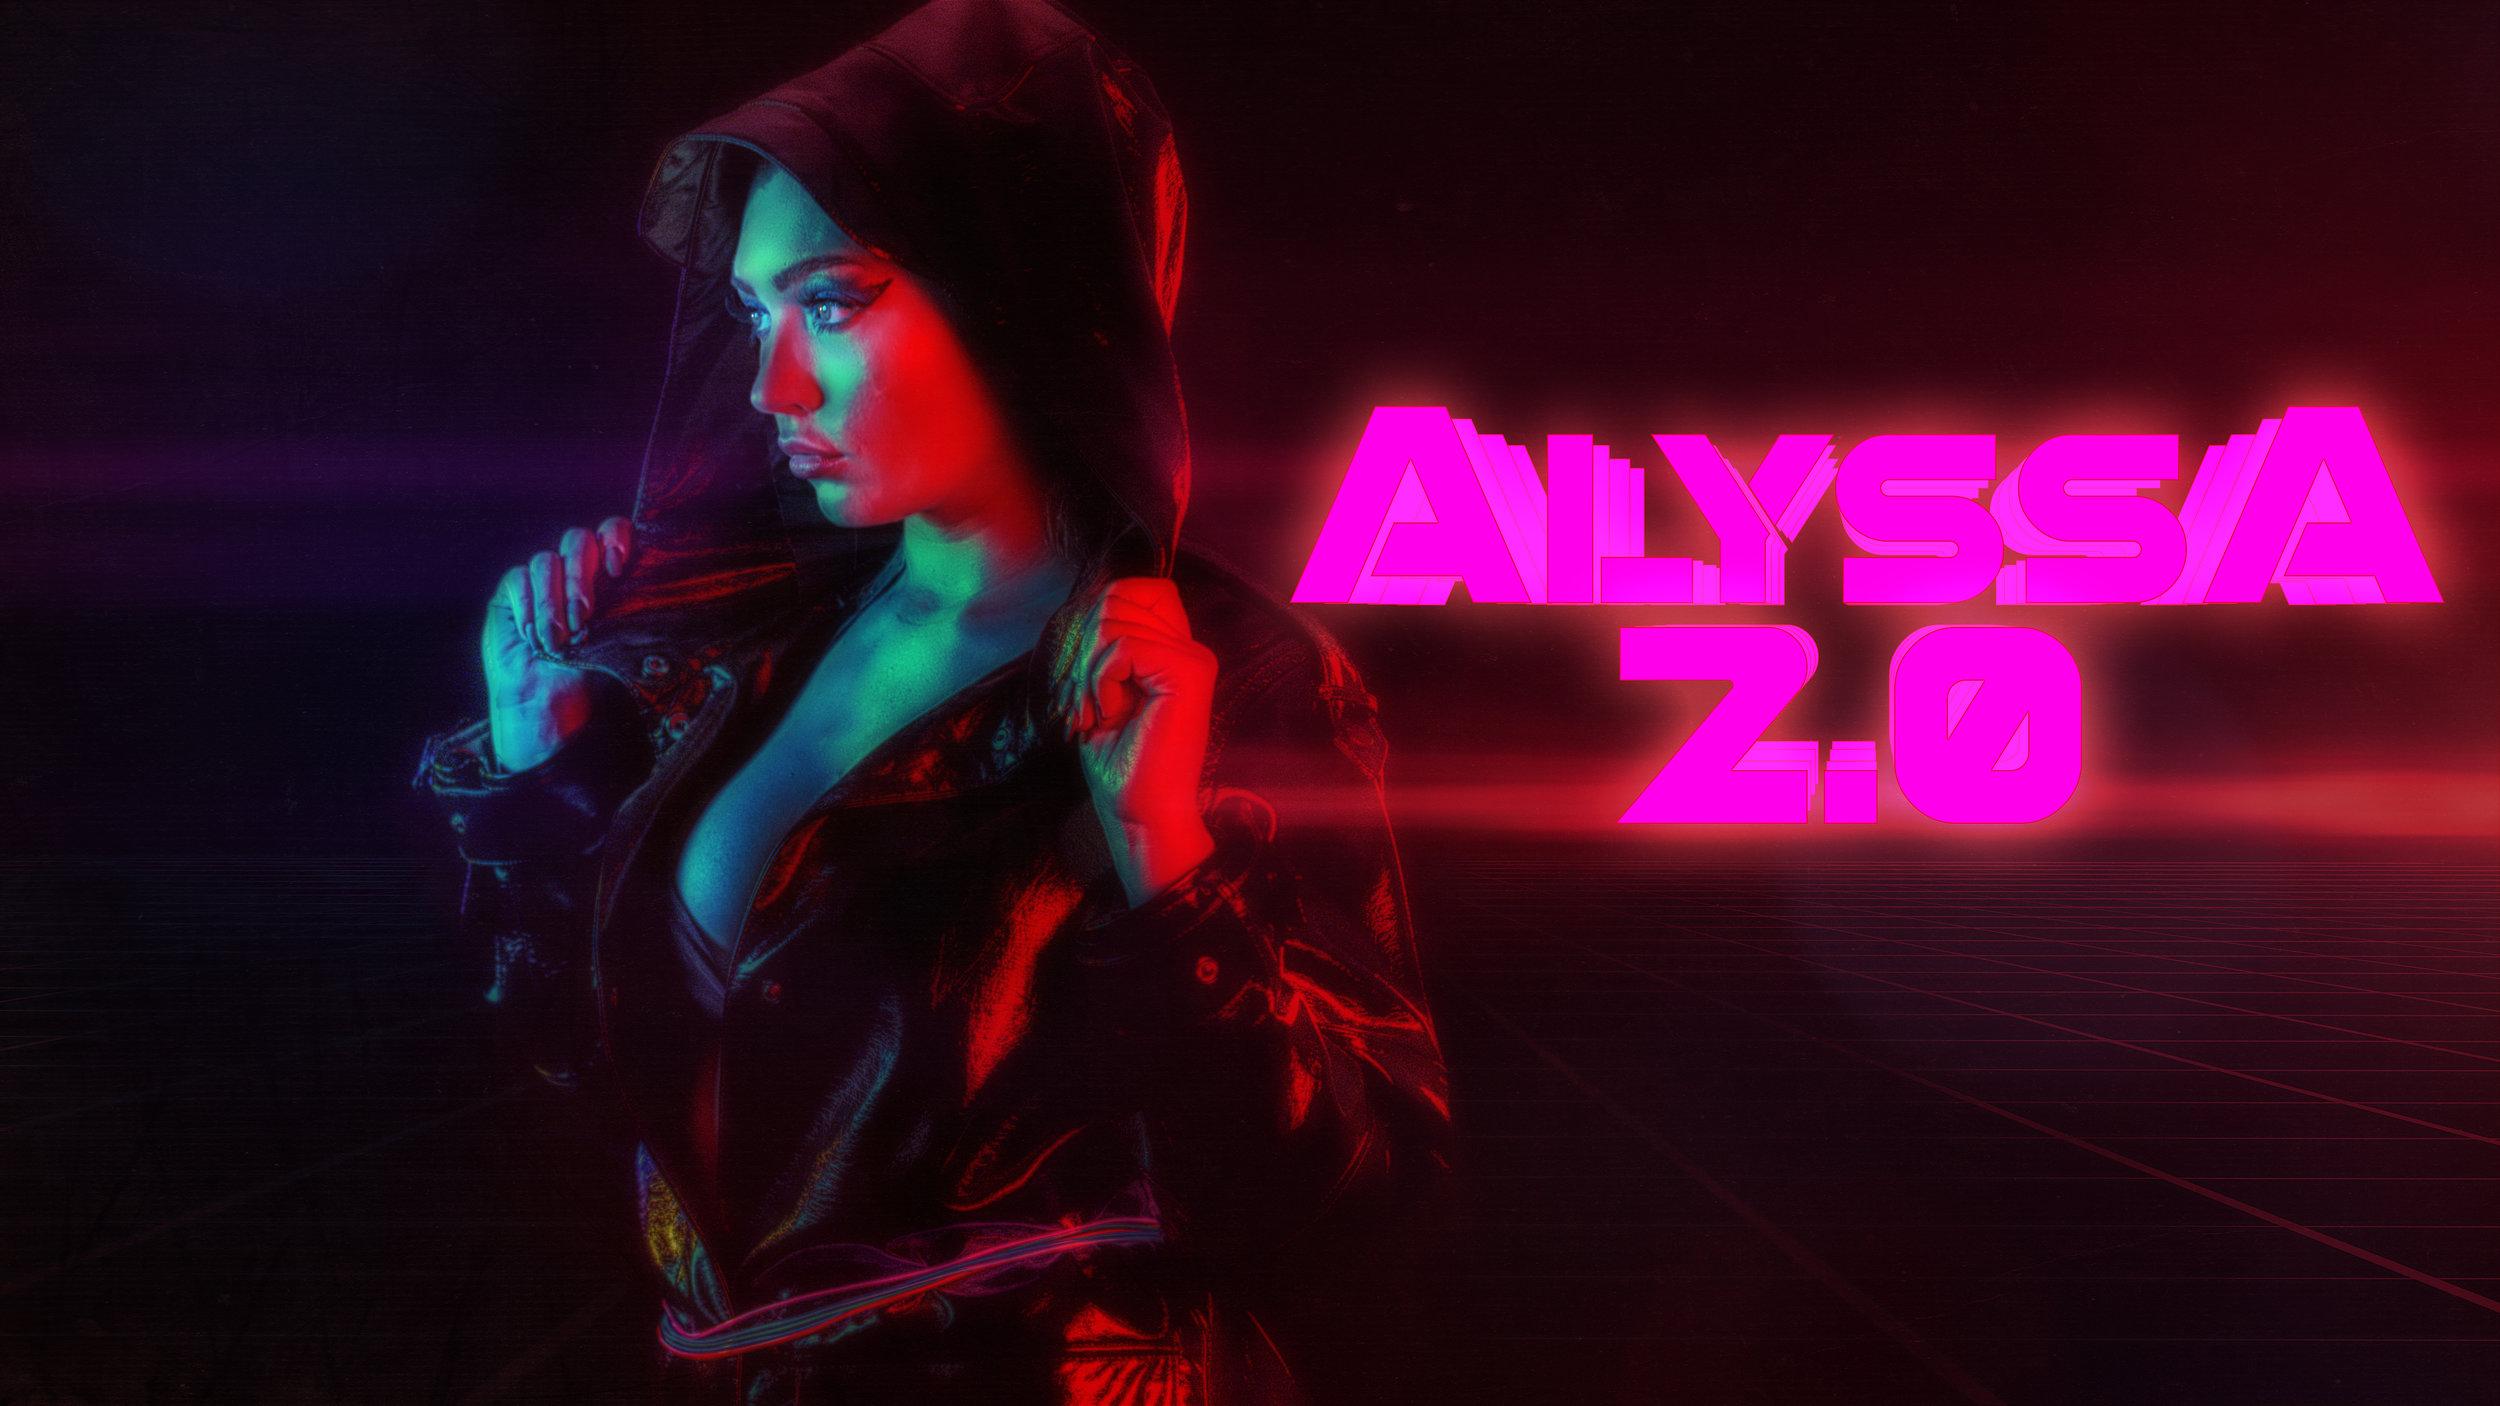 Alyssa_poster.JPG